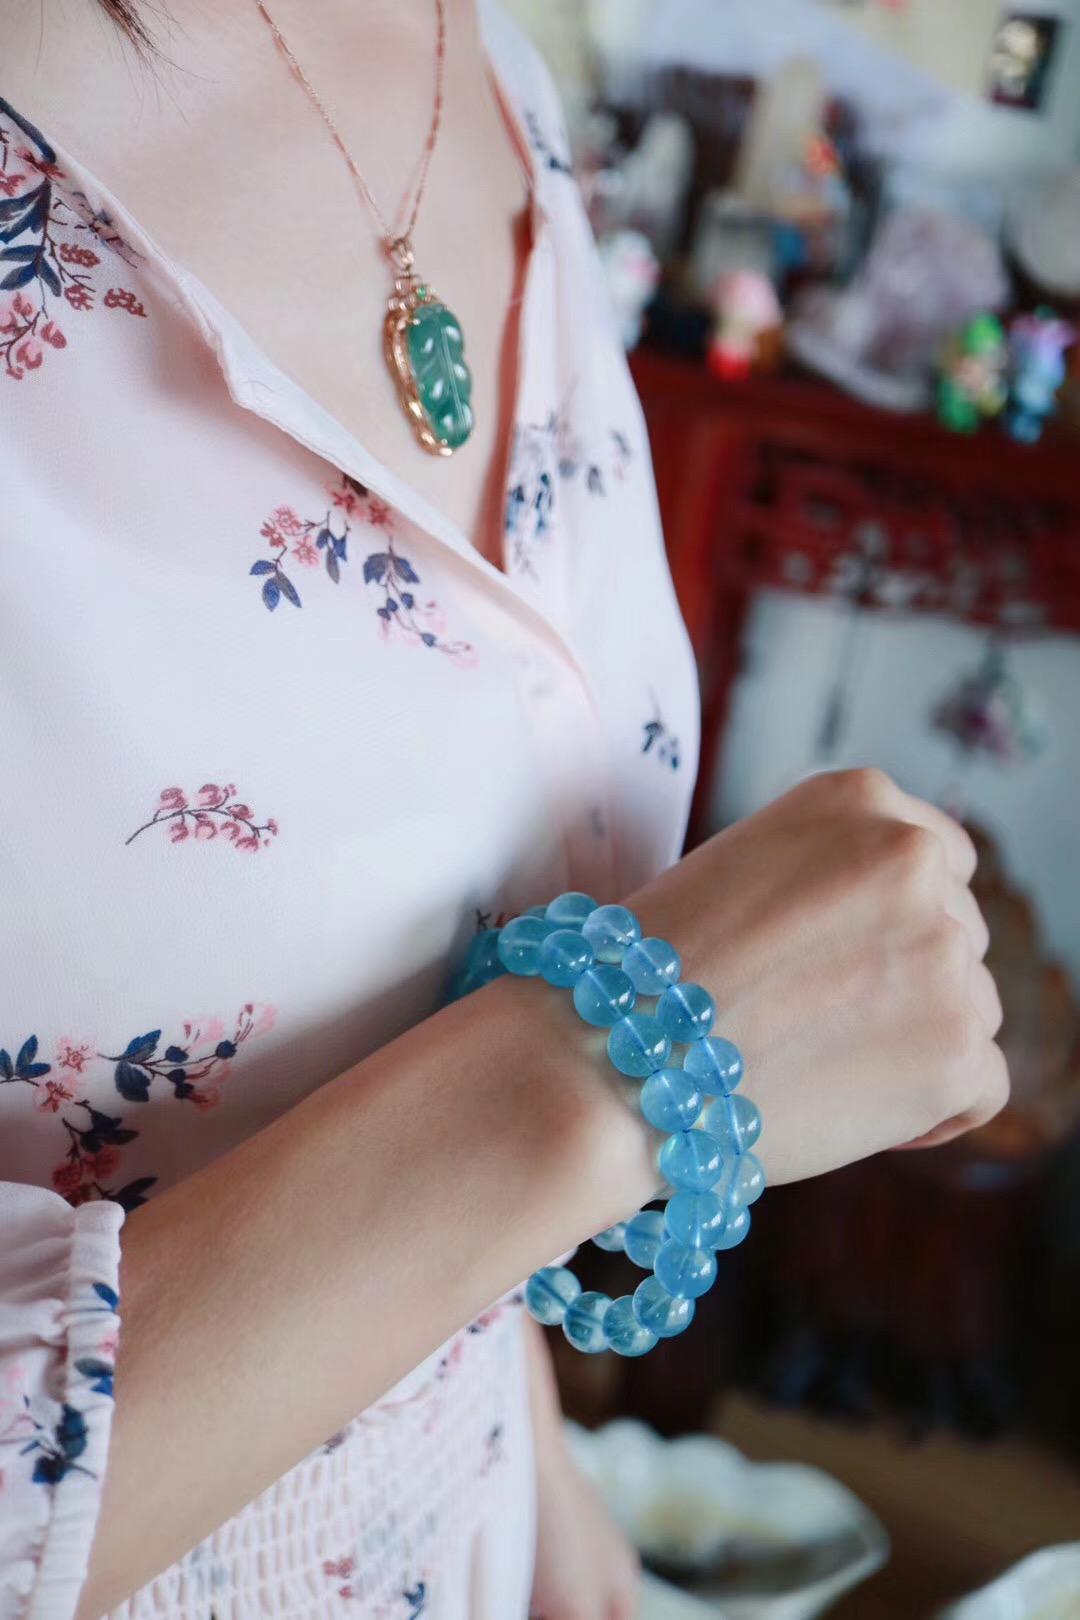 【海蓝宝】海蓝宝是拥有大海灵魂之美的晶石-菩心晶舍